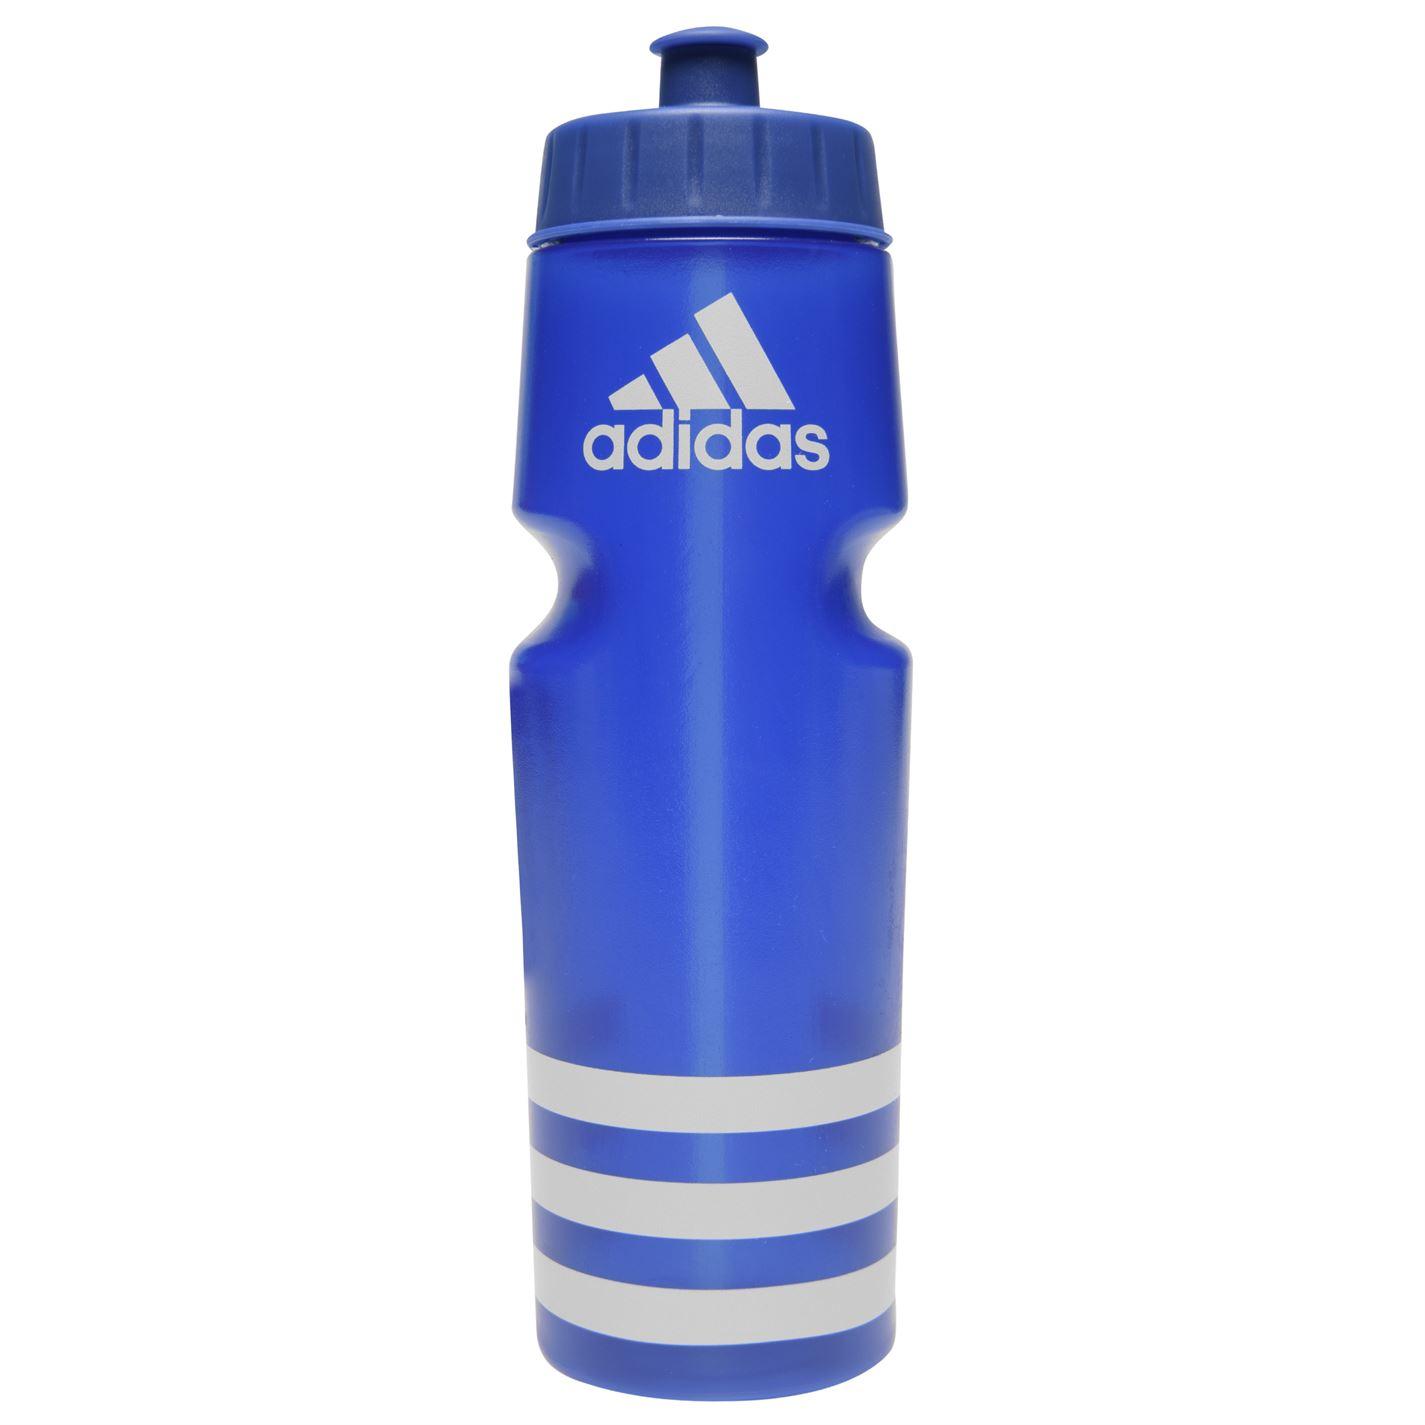 Adidas Ess W/Bottle 93